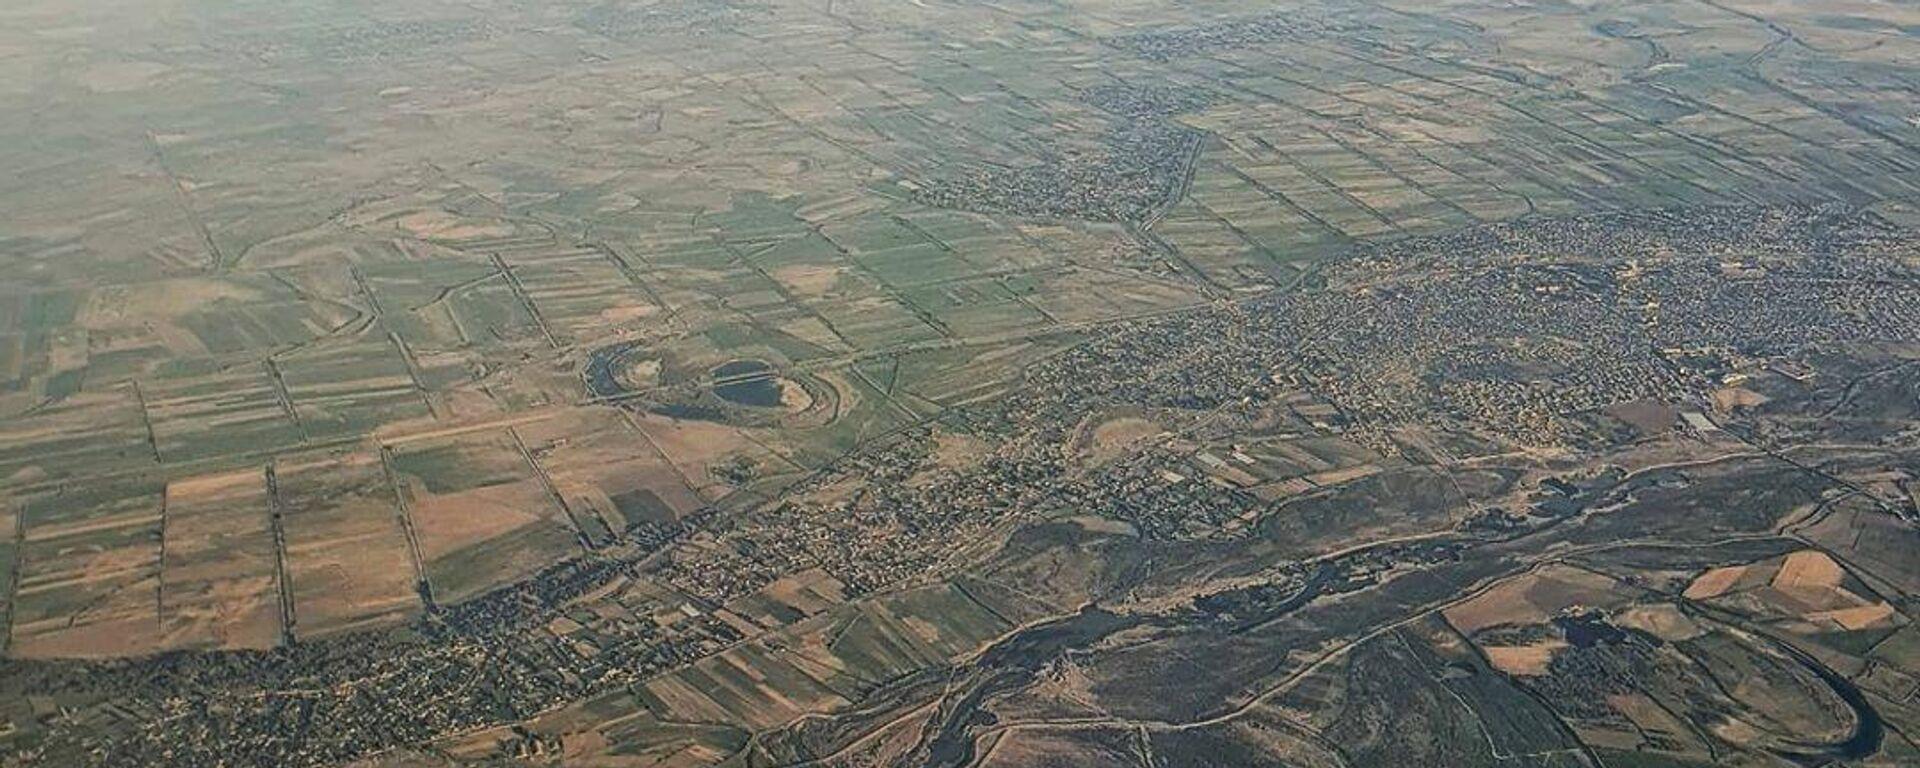 Карабах  с высоты птичьего потела - Sputnik Азербайджан, 1920, 14.10.2021